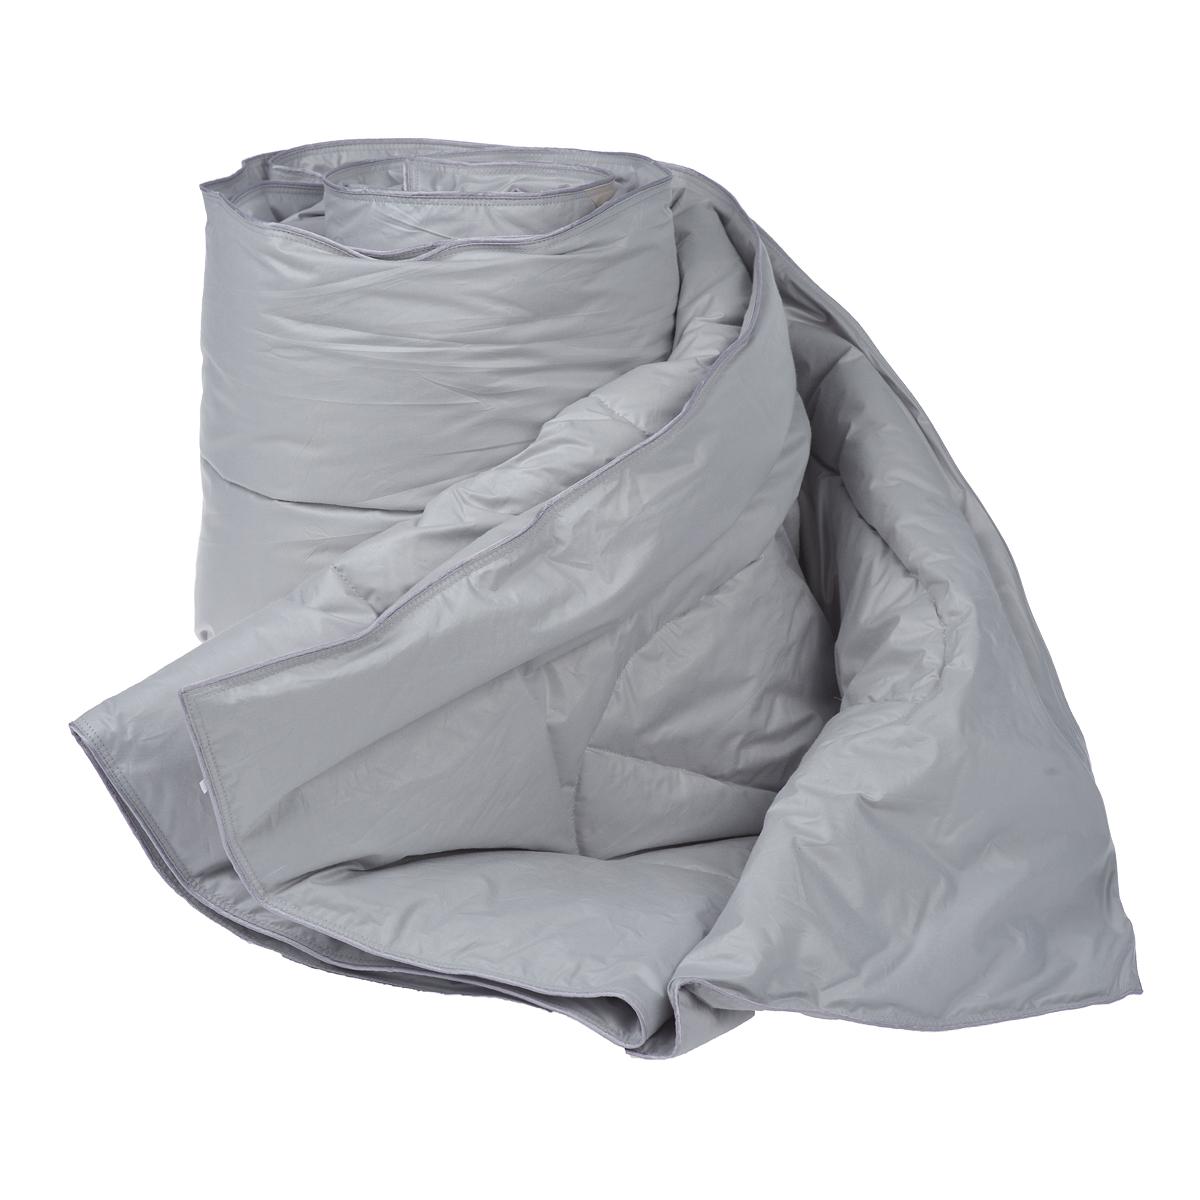 Одеяло Dargez Богемия, наполнитель: гусиный пух категории Экстра, 172 см х 205 см20382Одеяло Dargez Богемия подарит комфорт и уют во время сна. Чехол одеяла выполнен из пуходержащего гладкокрашеного батиста с обработкой ионами серебра.Ткань с ионами серебра благотворно воздействует на кожу, оказывает расслабляющее действие для организма человека, имеет устойчивый антибактериальный эффект. Уникальная запатентованная стежка Bodyline® по форме повторяет тело человека, что помогает эффективно регулировать теплообмен различных частей организма и создать оптимальный микроклимат во время сна.Натуральное сырье, инновационные разработки и современные технологии - вот рецепт вашего крепкого сна. Изделия коллекции способны стать прекрасным подарком для людей, ценящих красоту и комфорт. Рекомендации по уходу: - Стирка при температуре не более 40°С. - Запрещается отбеливать, гладить, выжимать и сушить в стиральной машине.Материал чехла: батист пуходержащий (100% хлопок). Материал наполнителя: гусиный пух категории Экстра. Размер: 172 см х 205 см.